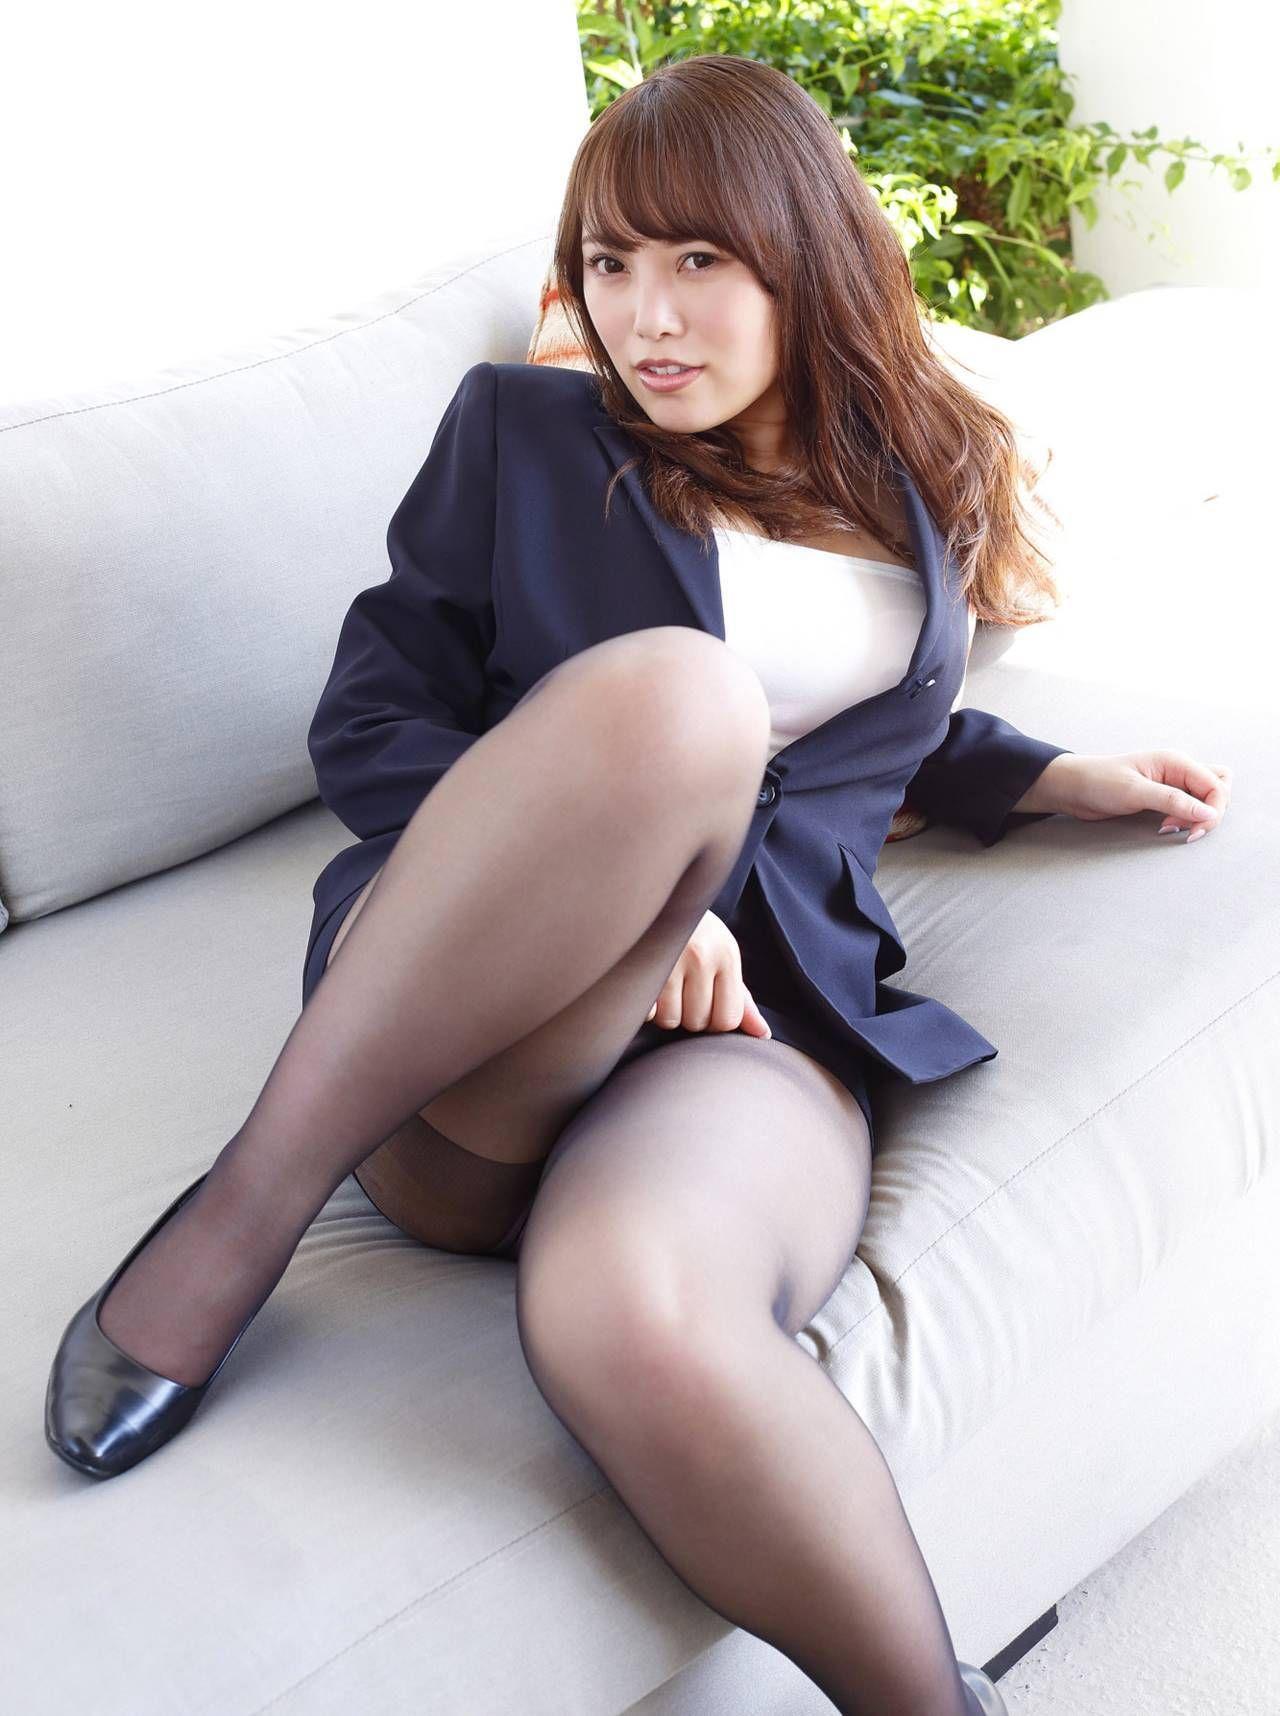 Virgin girl pussy naked